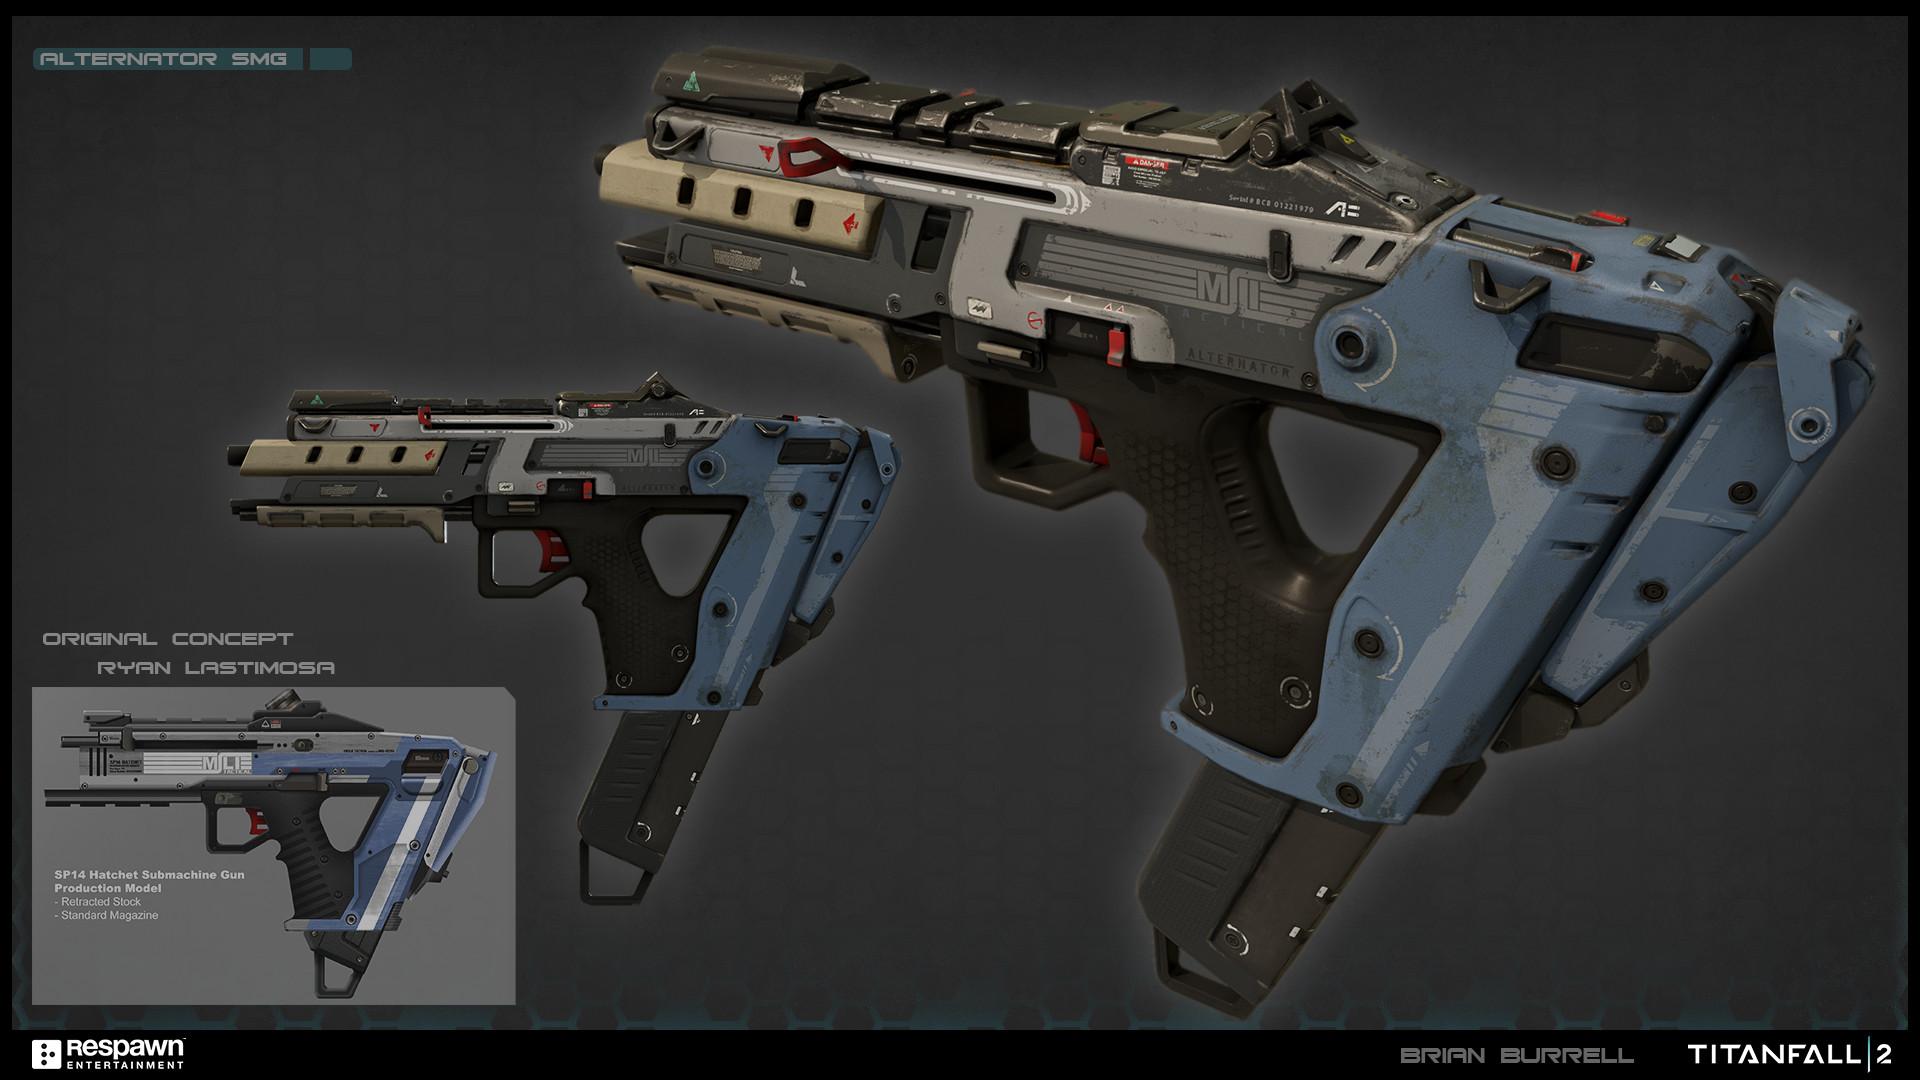 Mass Effect Fall Wallpaper Brian Burrell Alternator Smg Titanfall 2